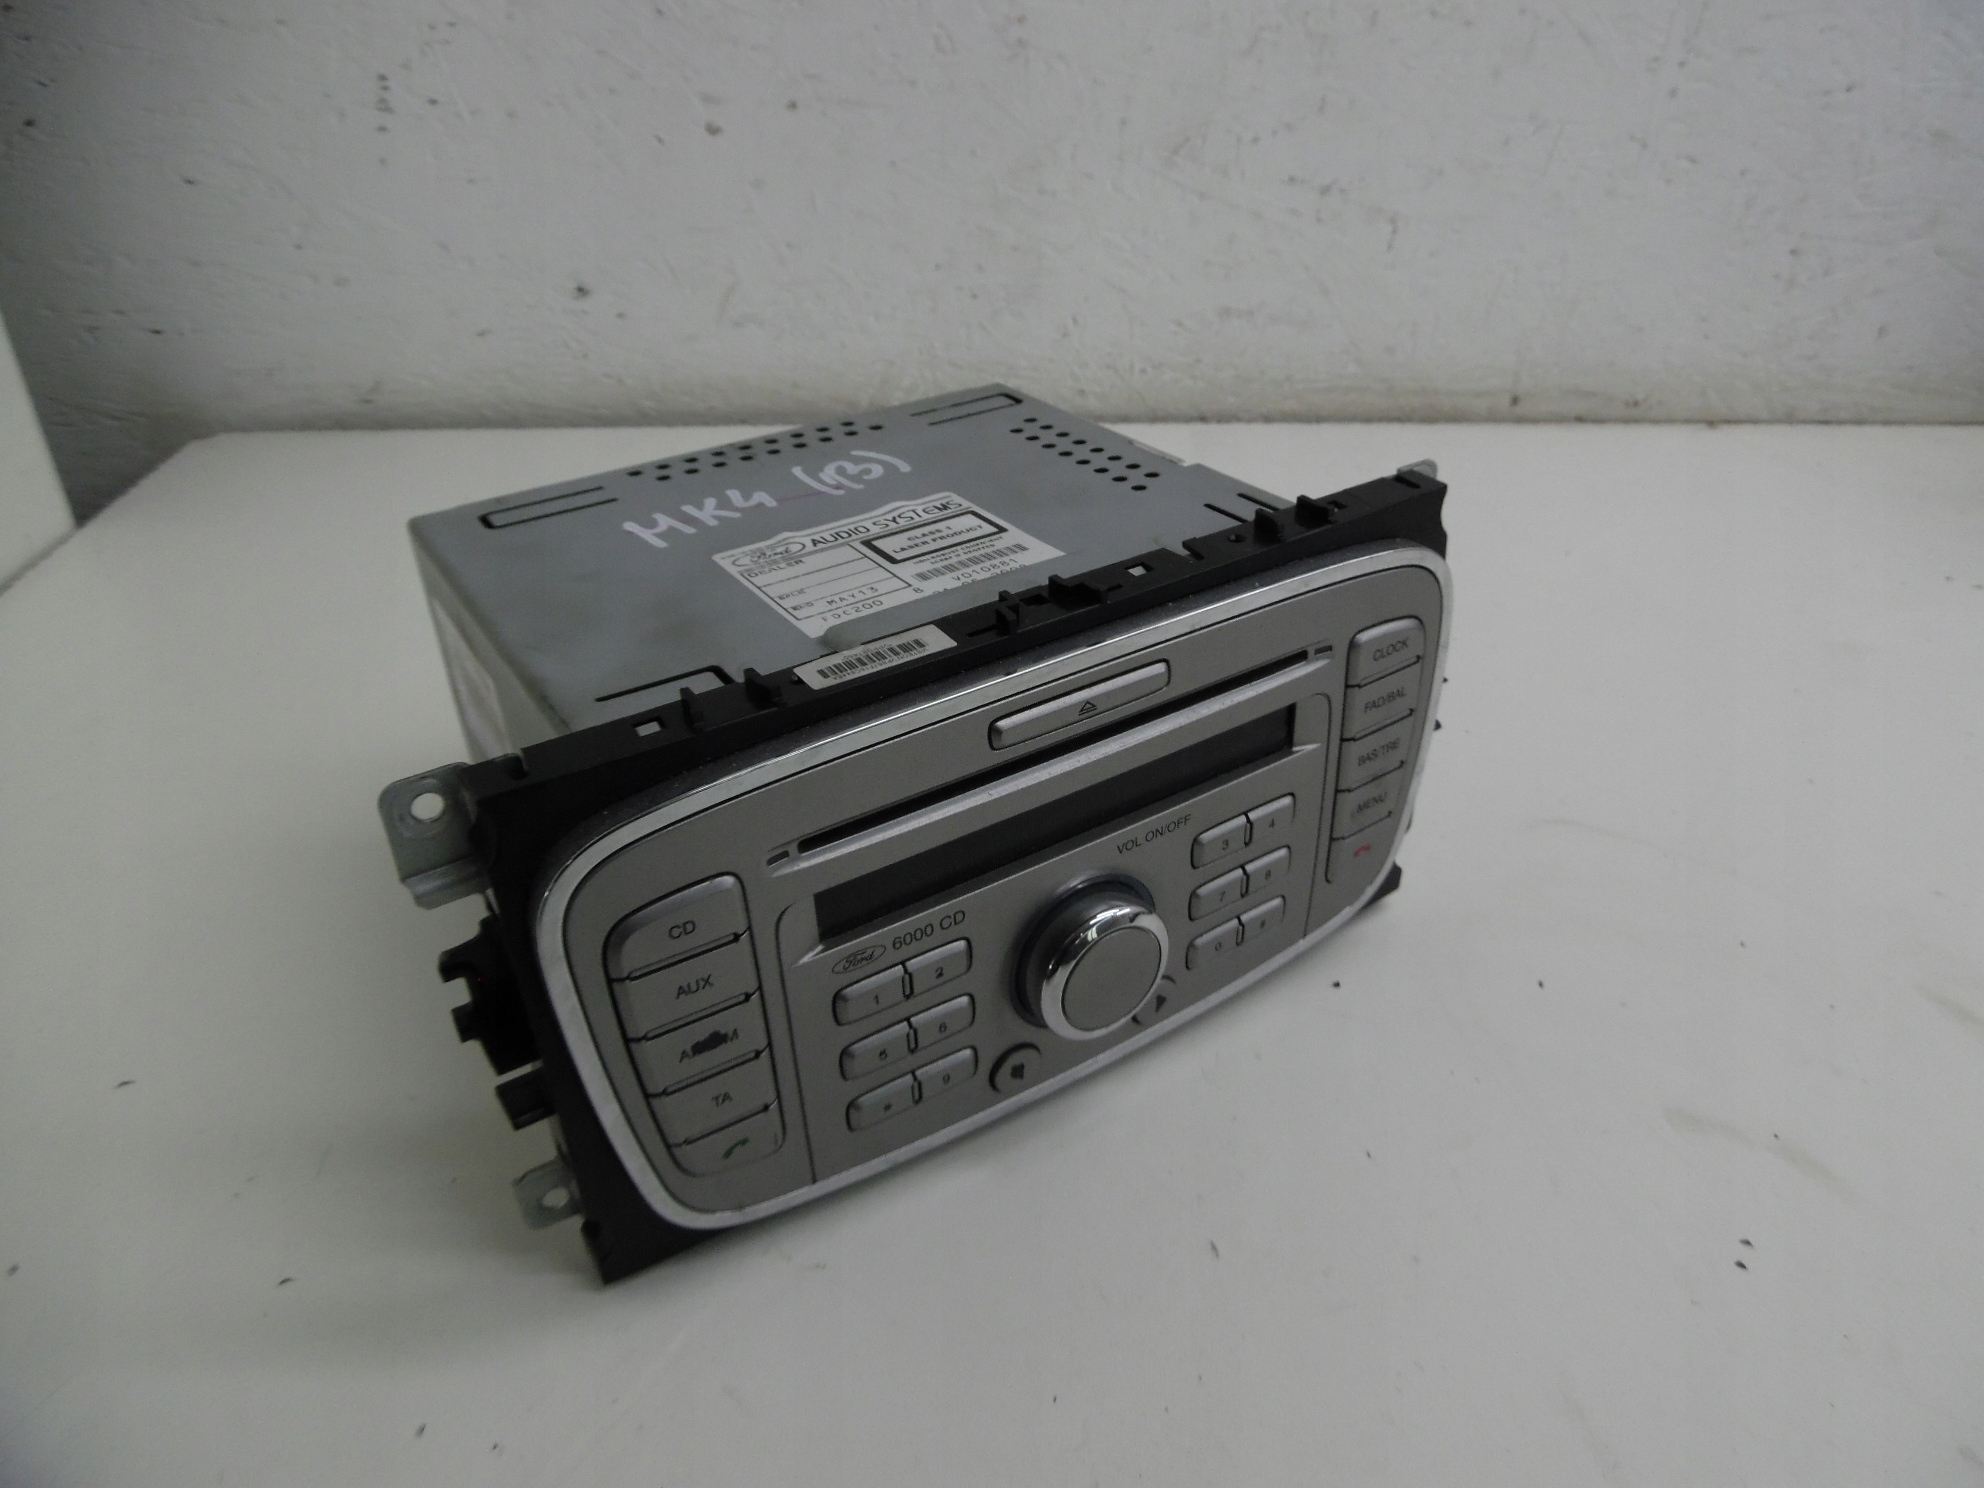 s макс mondeo mk4 радио телефон 6000cd